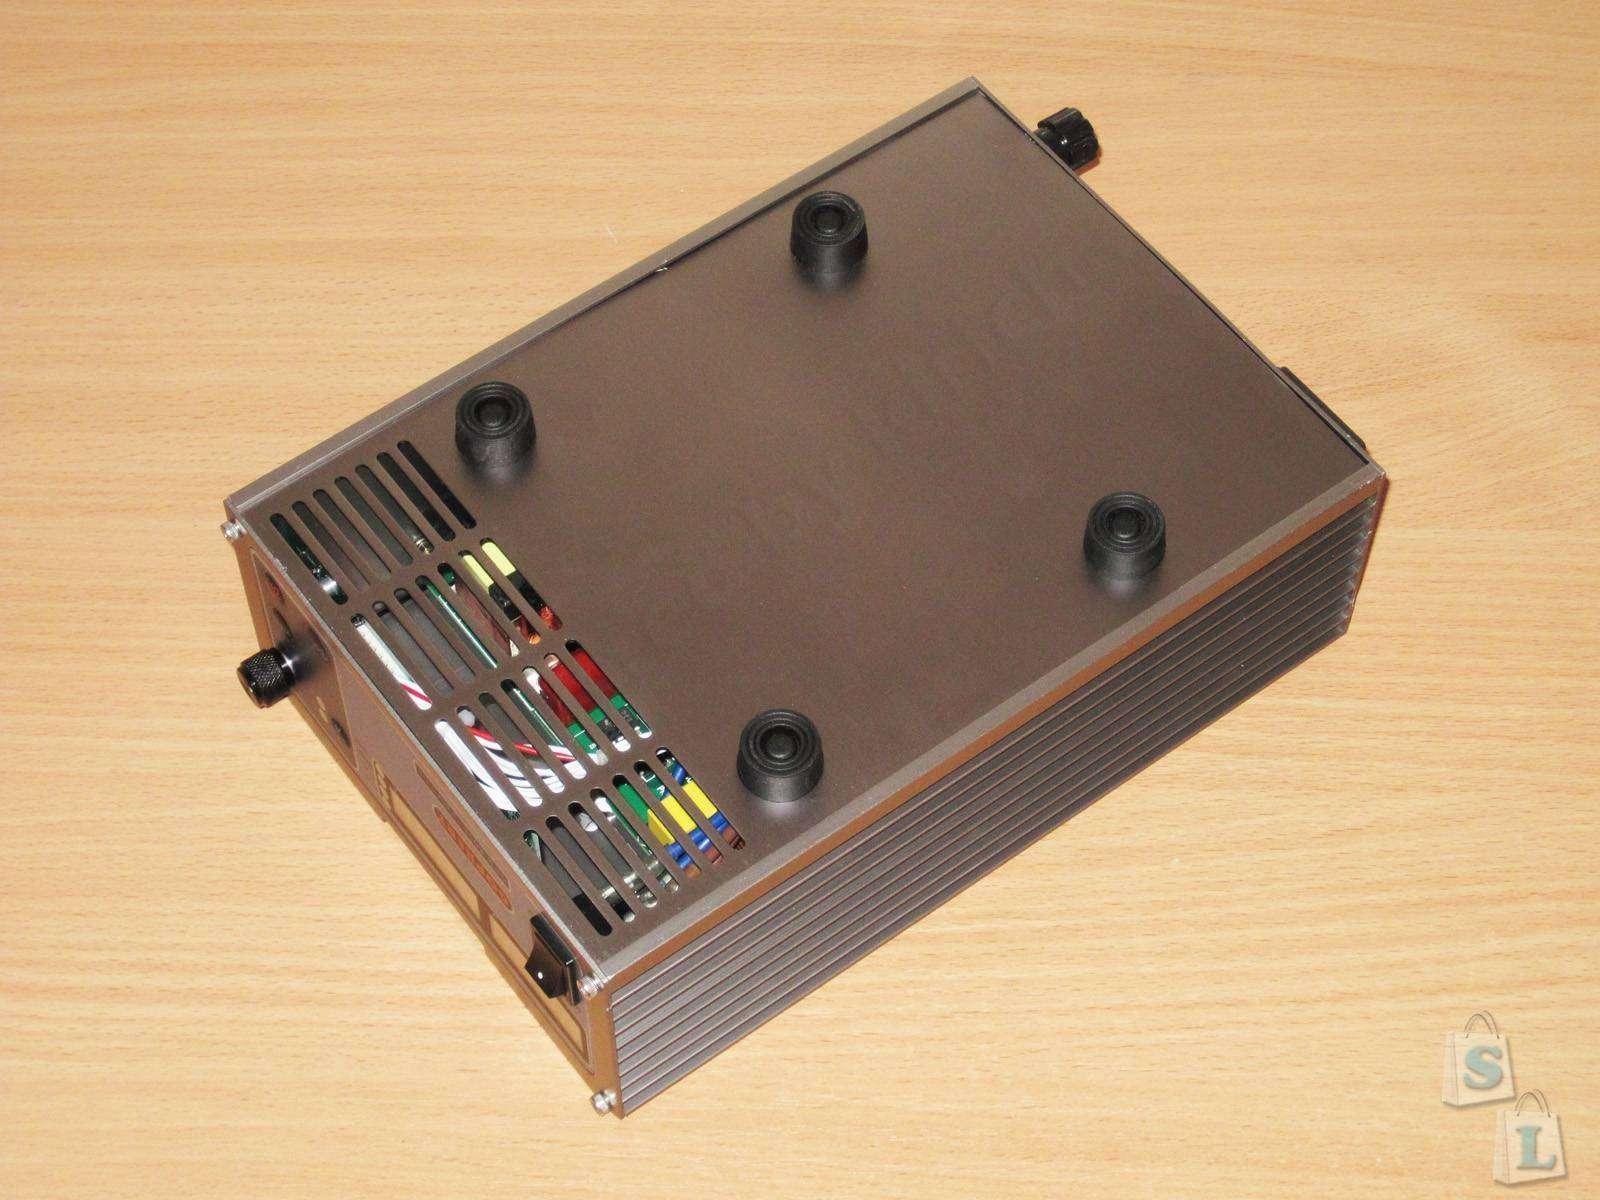 GearBest: Регулируемый блок питания CPS-6011 или еще один  GOPHERT